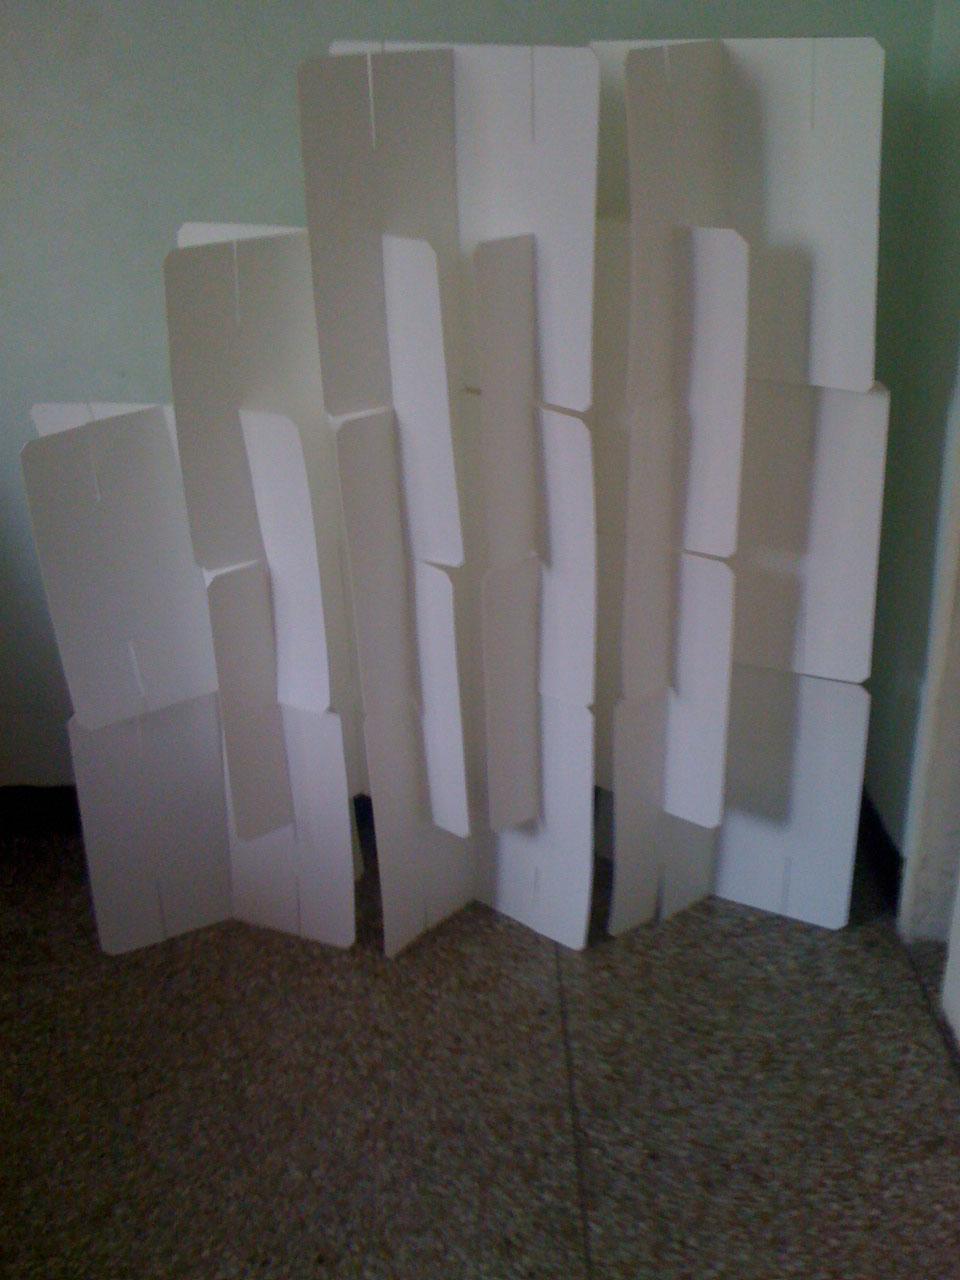 Basurillas blog archive biombo con placas de radiolog a - Como hacer un biombo ...